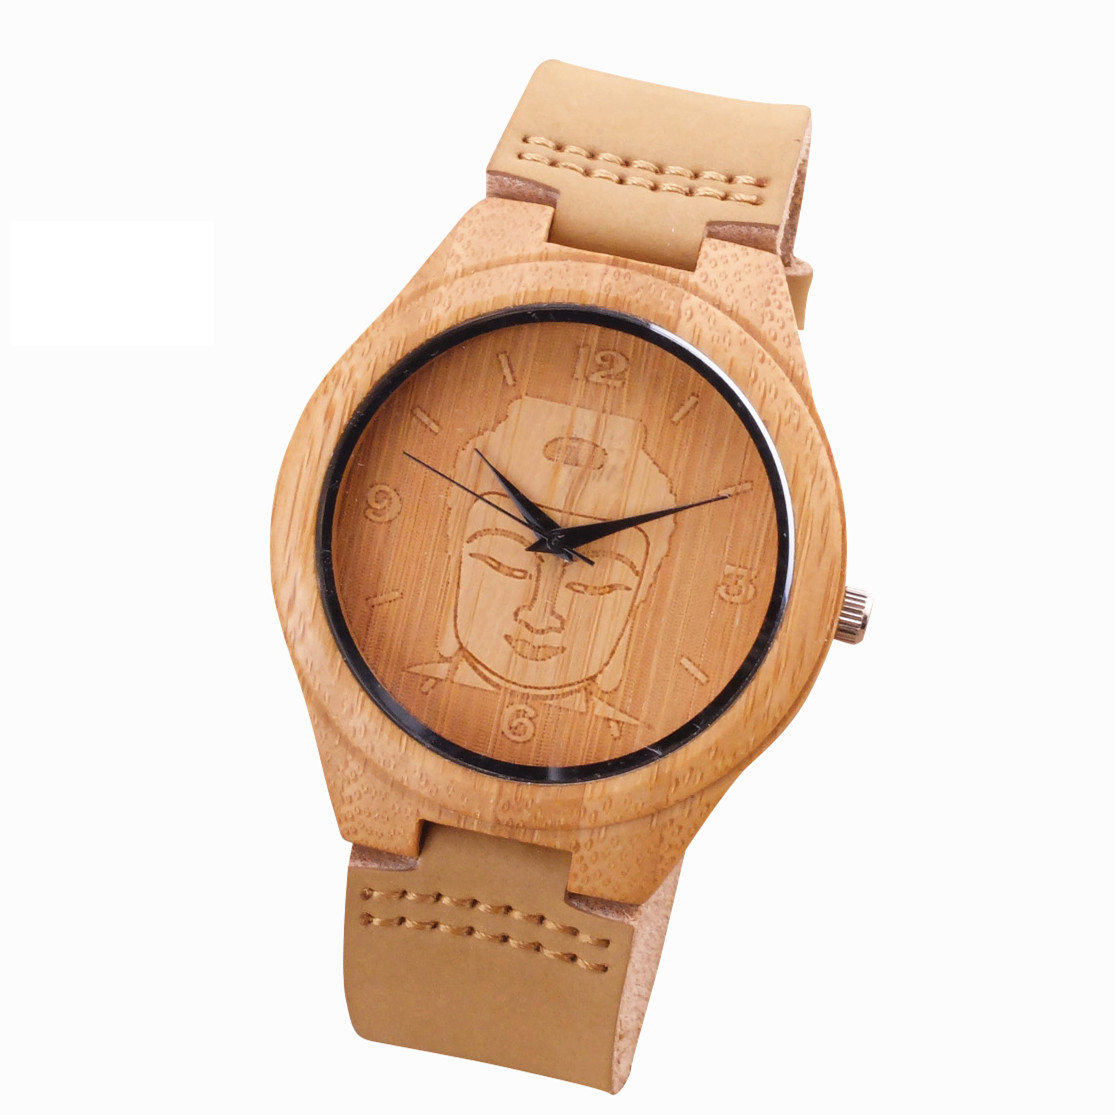 2018 Bamboo Wood Watch Minimalist Buddha Genuine Leather Band Strap Nature Wood Bangle Wristwatch Unisex Reloj Hombre Clock